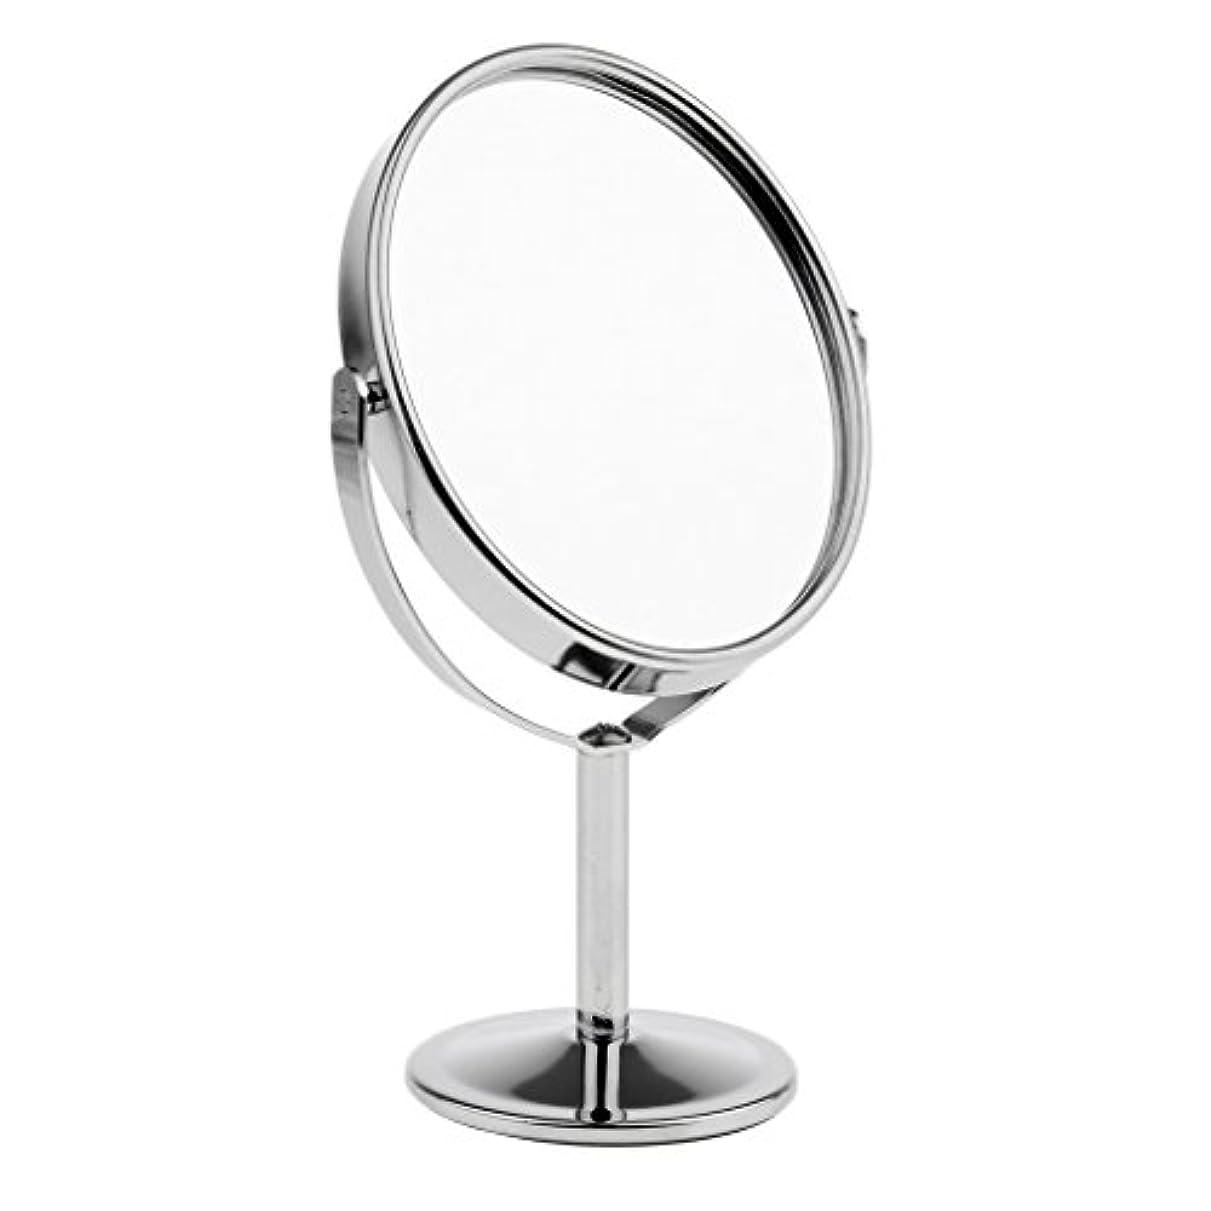 ベスト回転させるカーテンFutuHome ミニレディーガール美容メイクアップ卓上ミラー化粧品デュアルサイドノーマル+拡大鏡スタンドミラー6インチ高さ - 銀